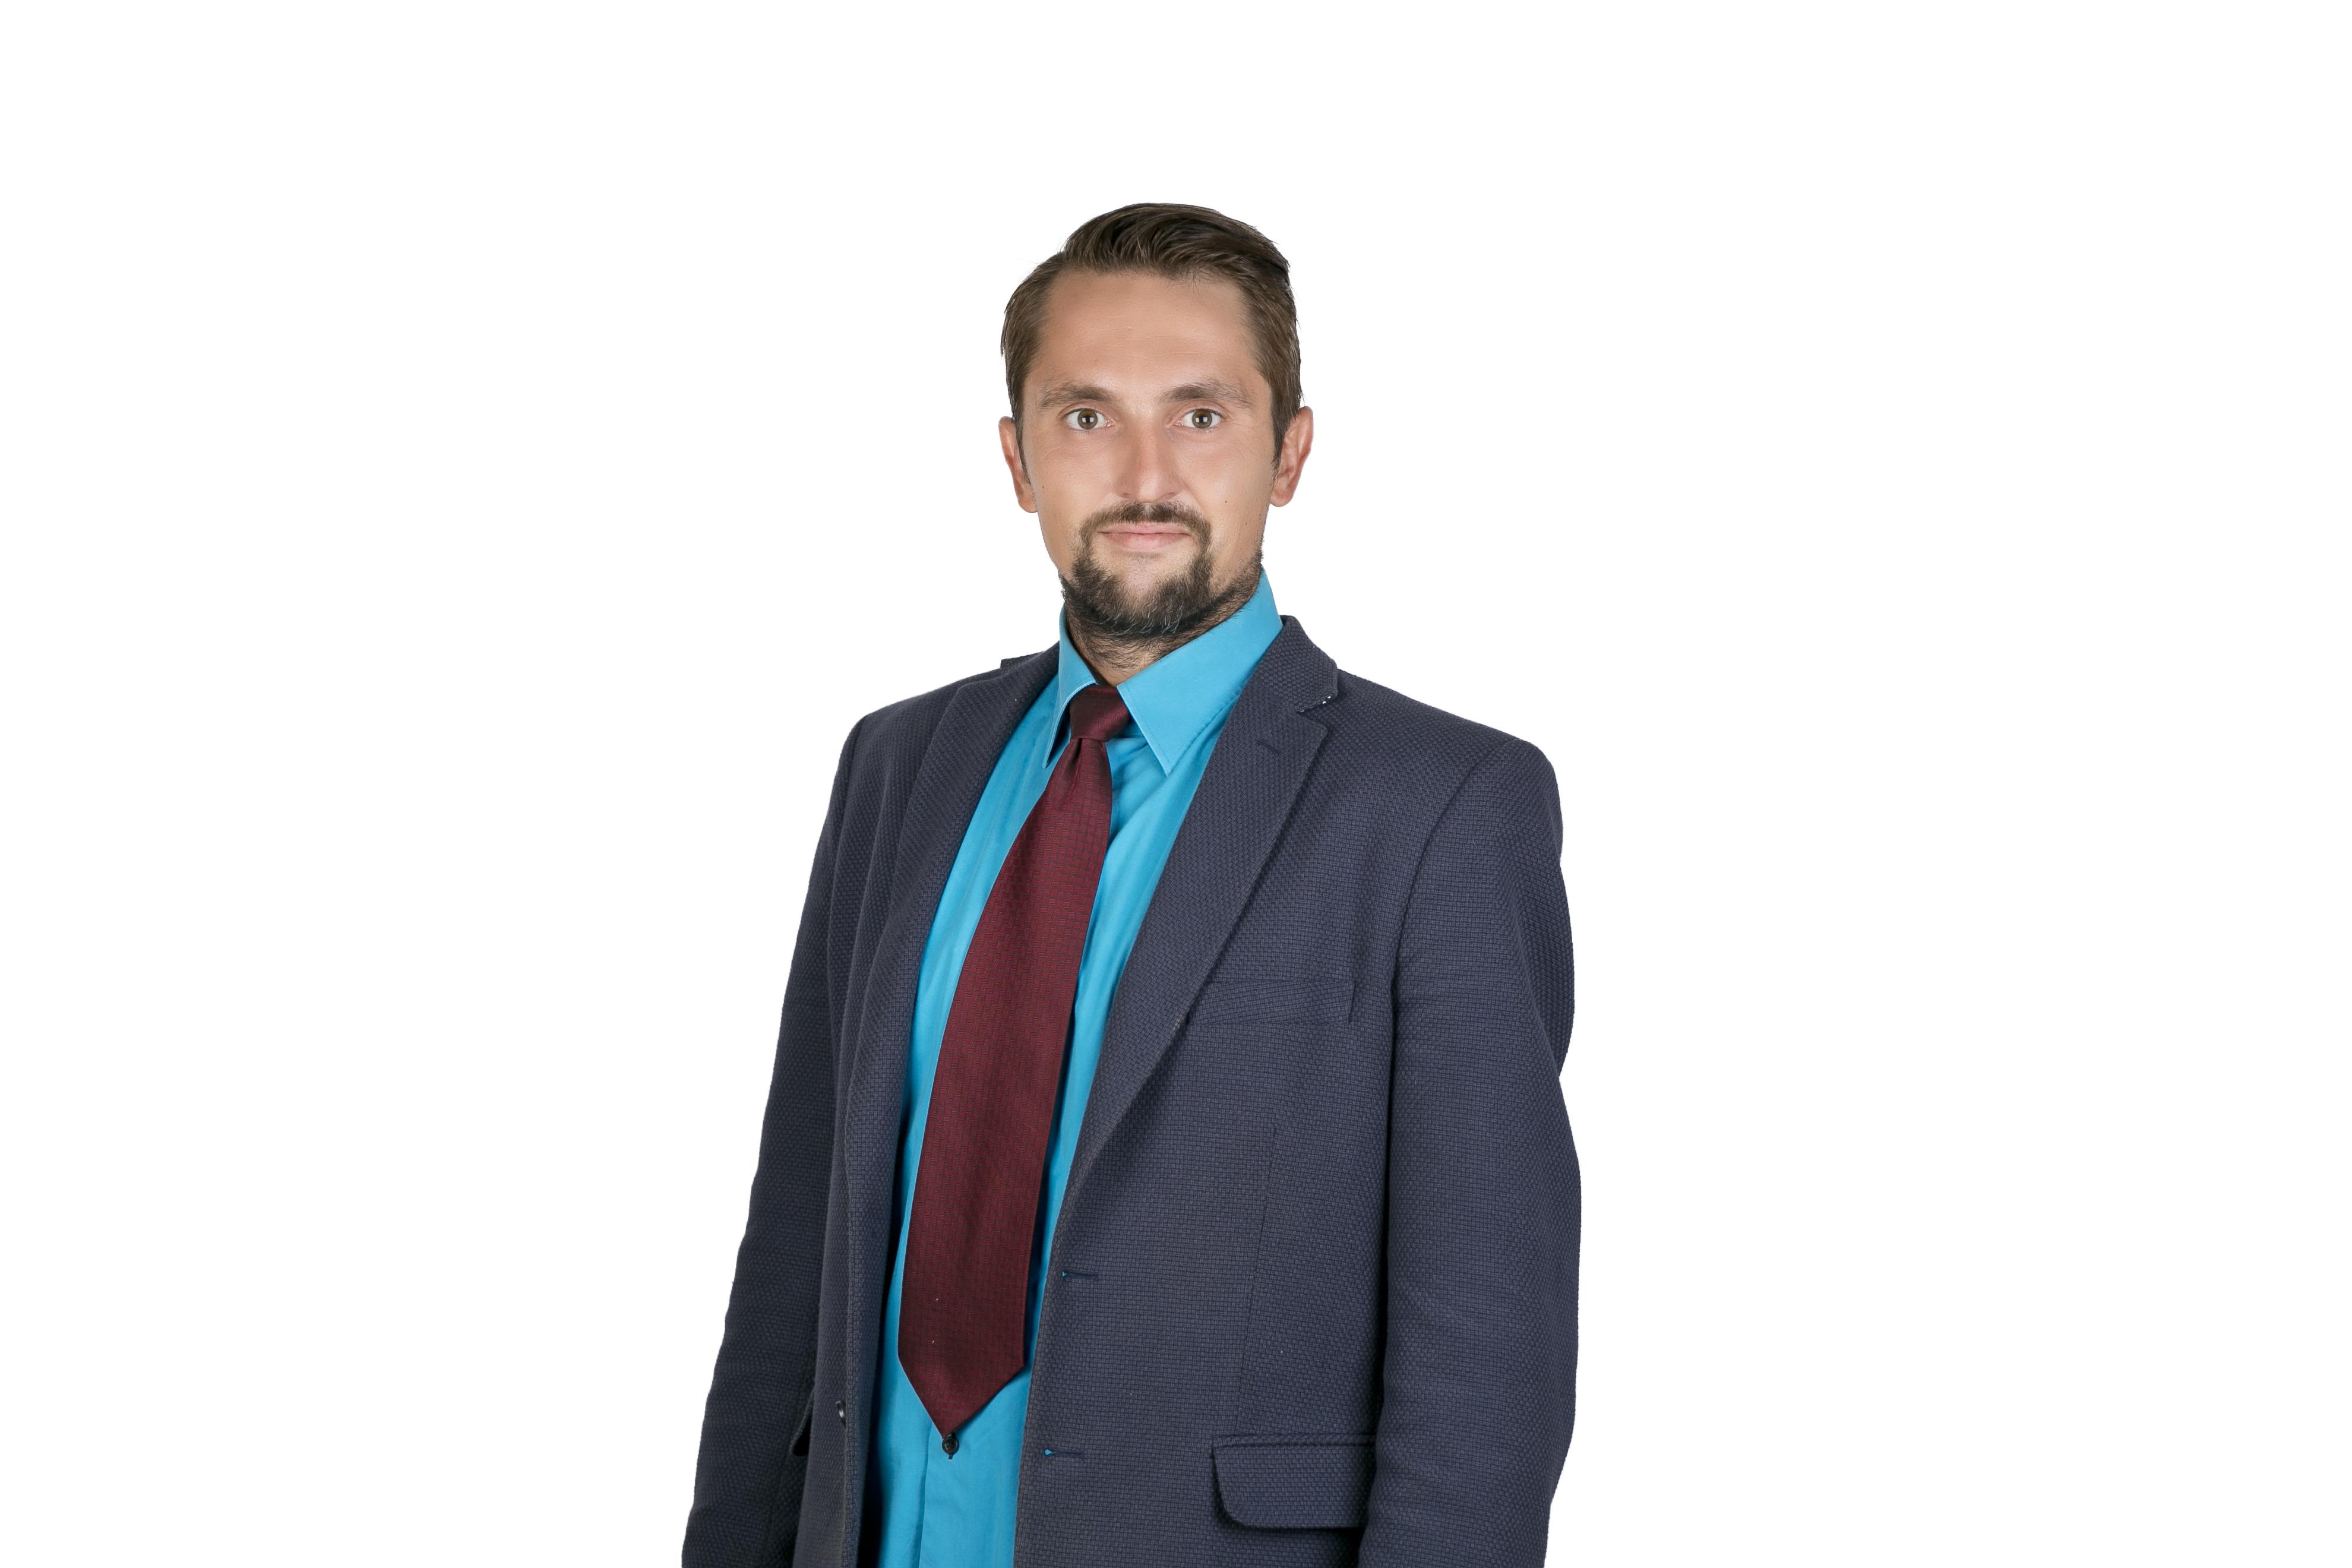 Rafał Karaś